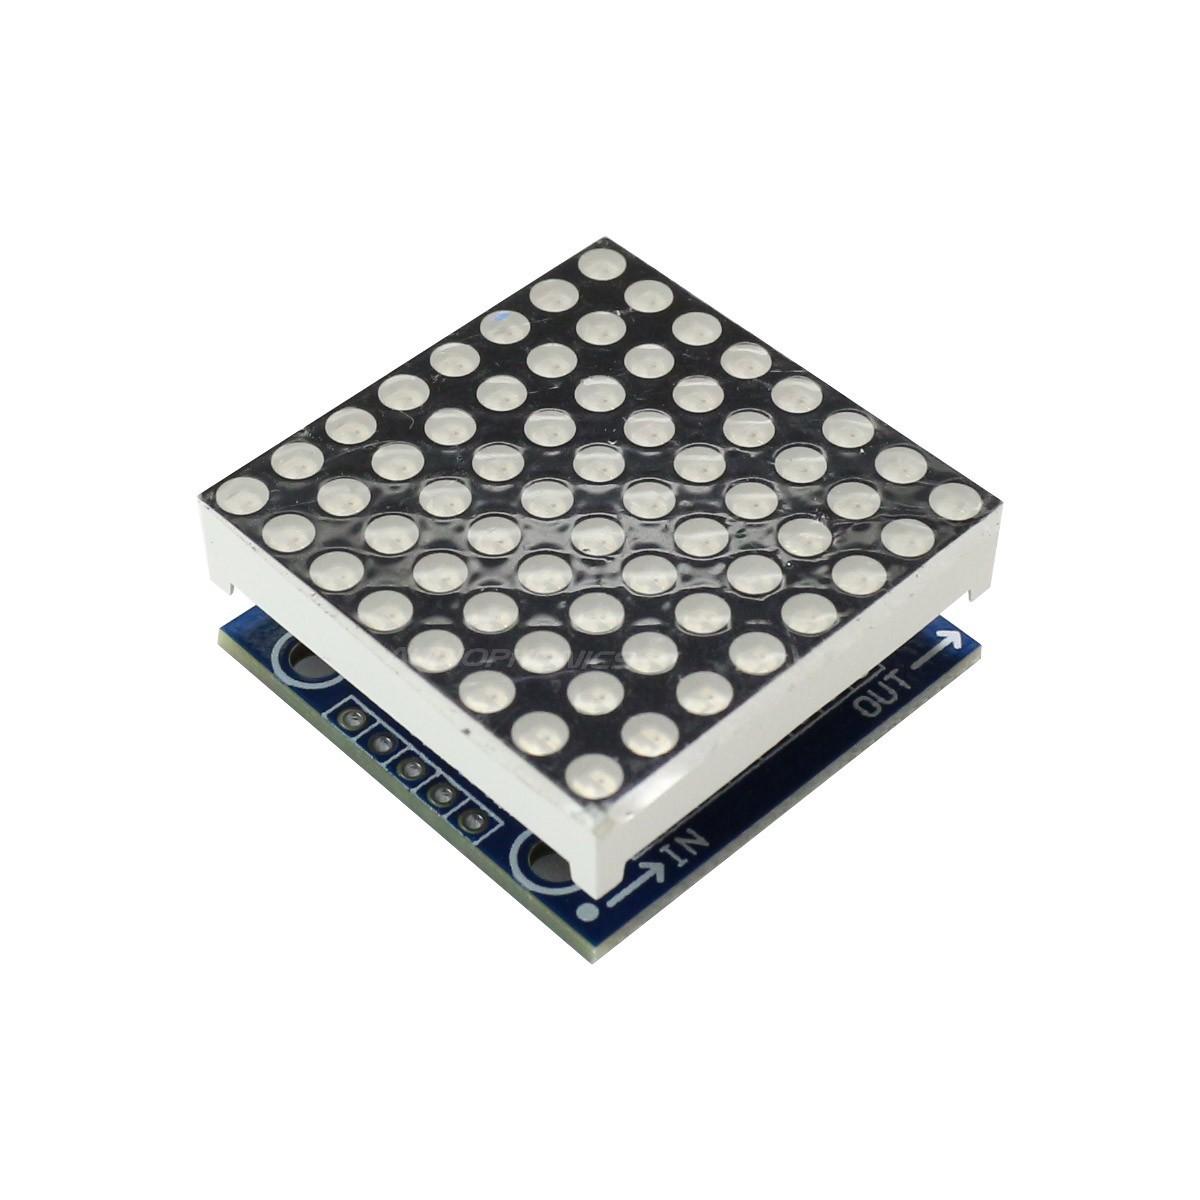 Module Afficheur LED à Grille Matriciel 8x8 64 LED Programmable Rouge